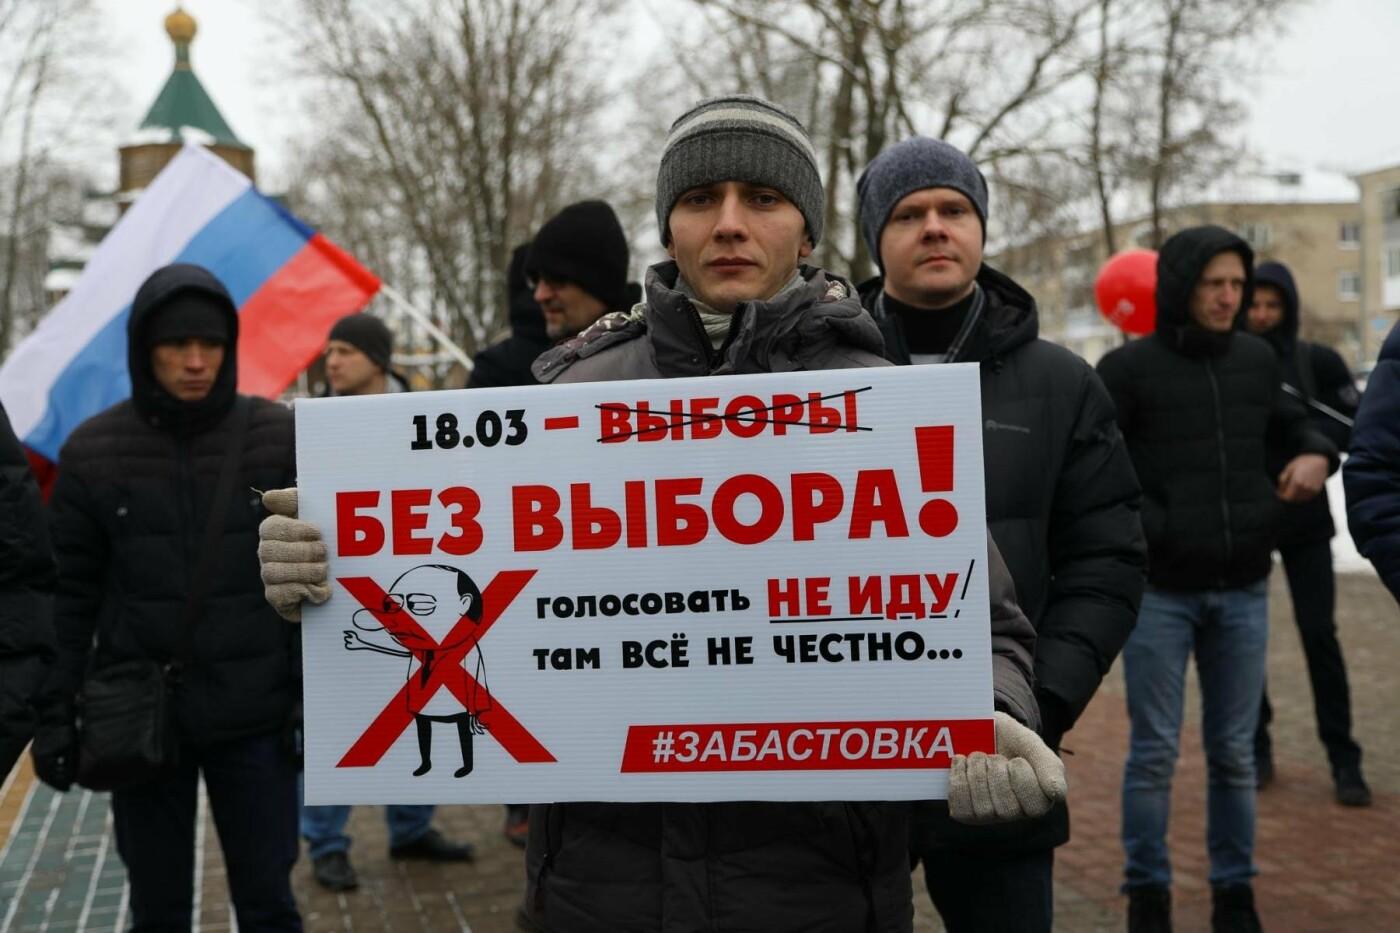 В Белгороде у Дома офицеров прошла «забастовка избирателей» — фоторепортаж, фото-1